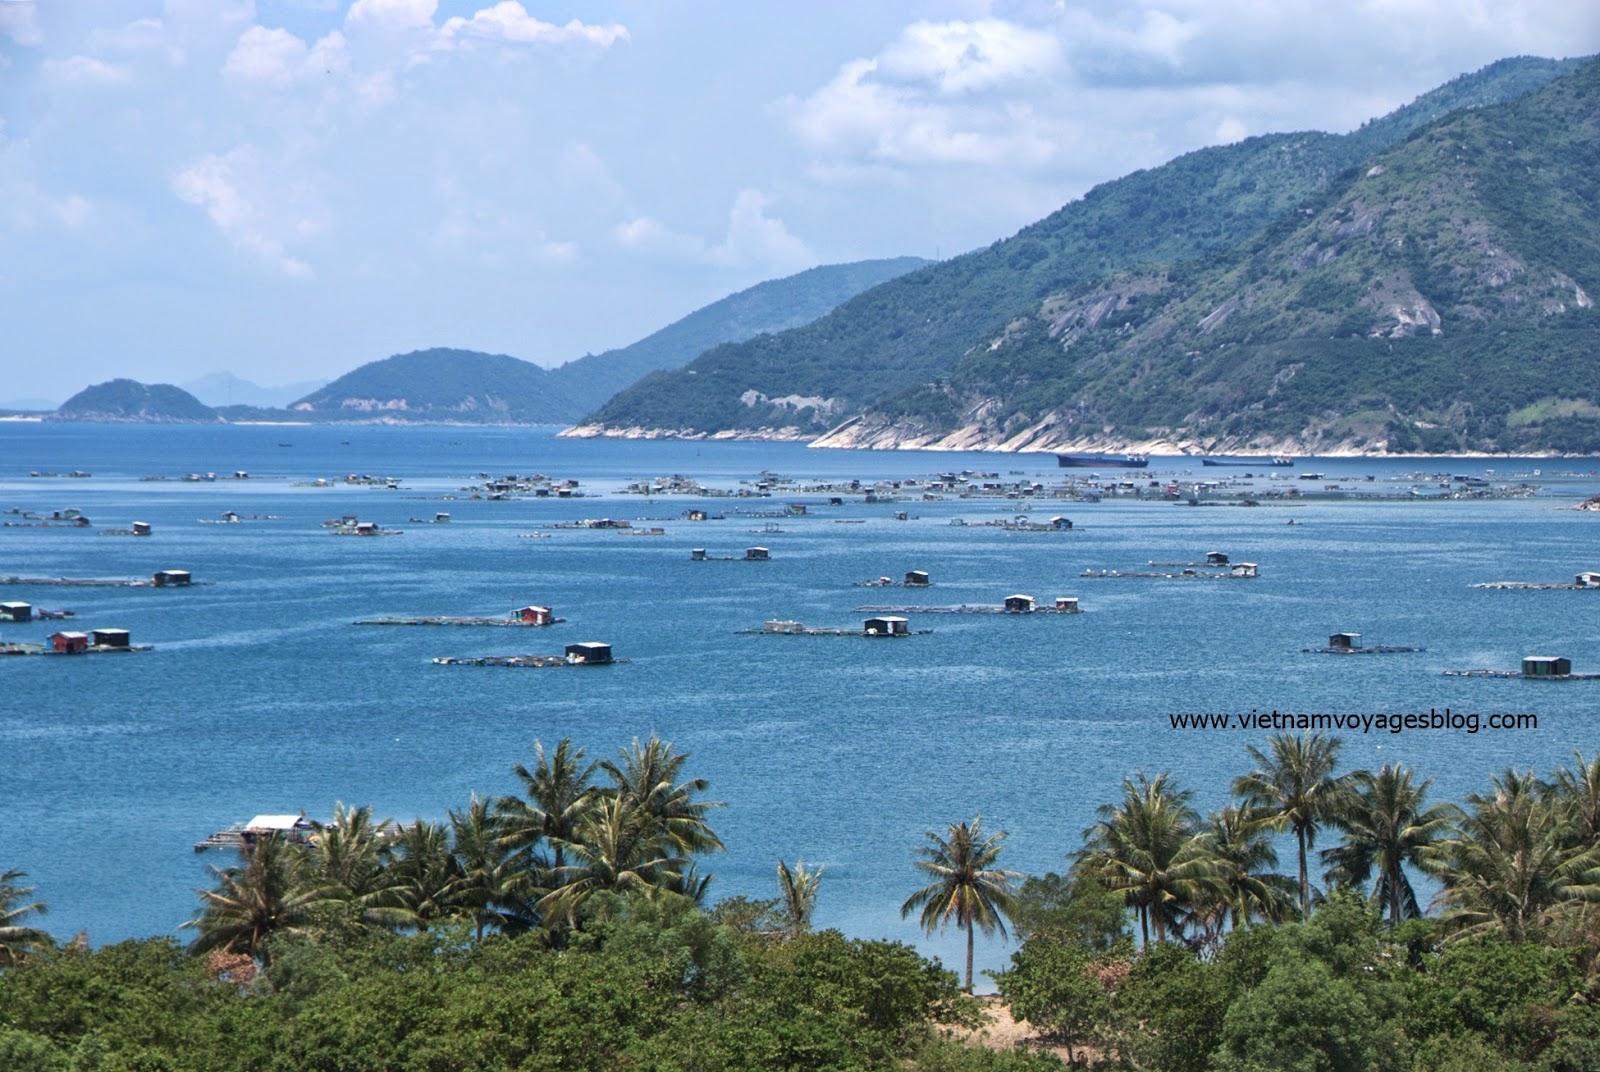 Nuôi cá bè ở Vịnh Vũng Rô